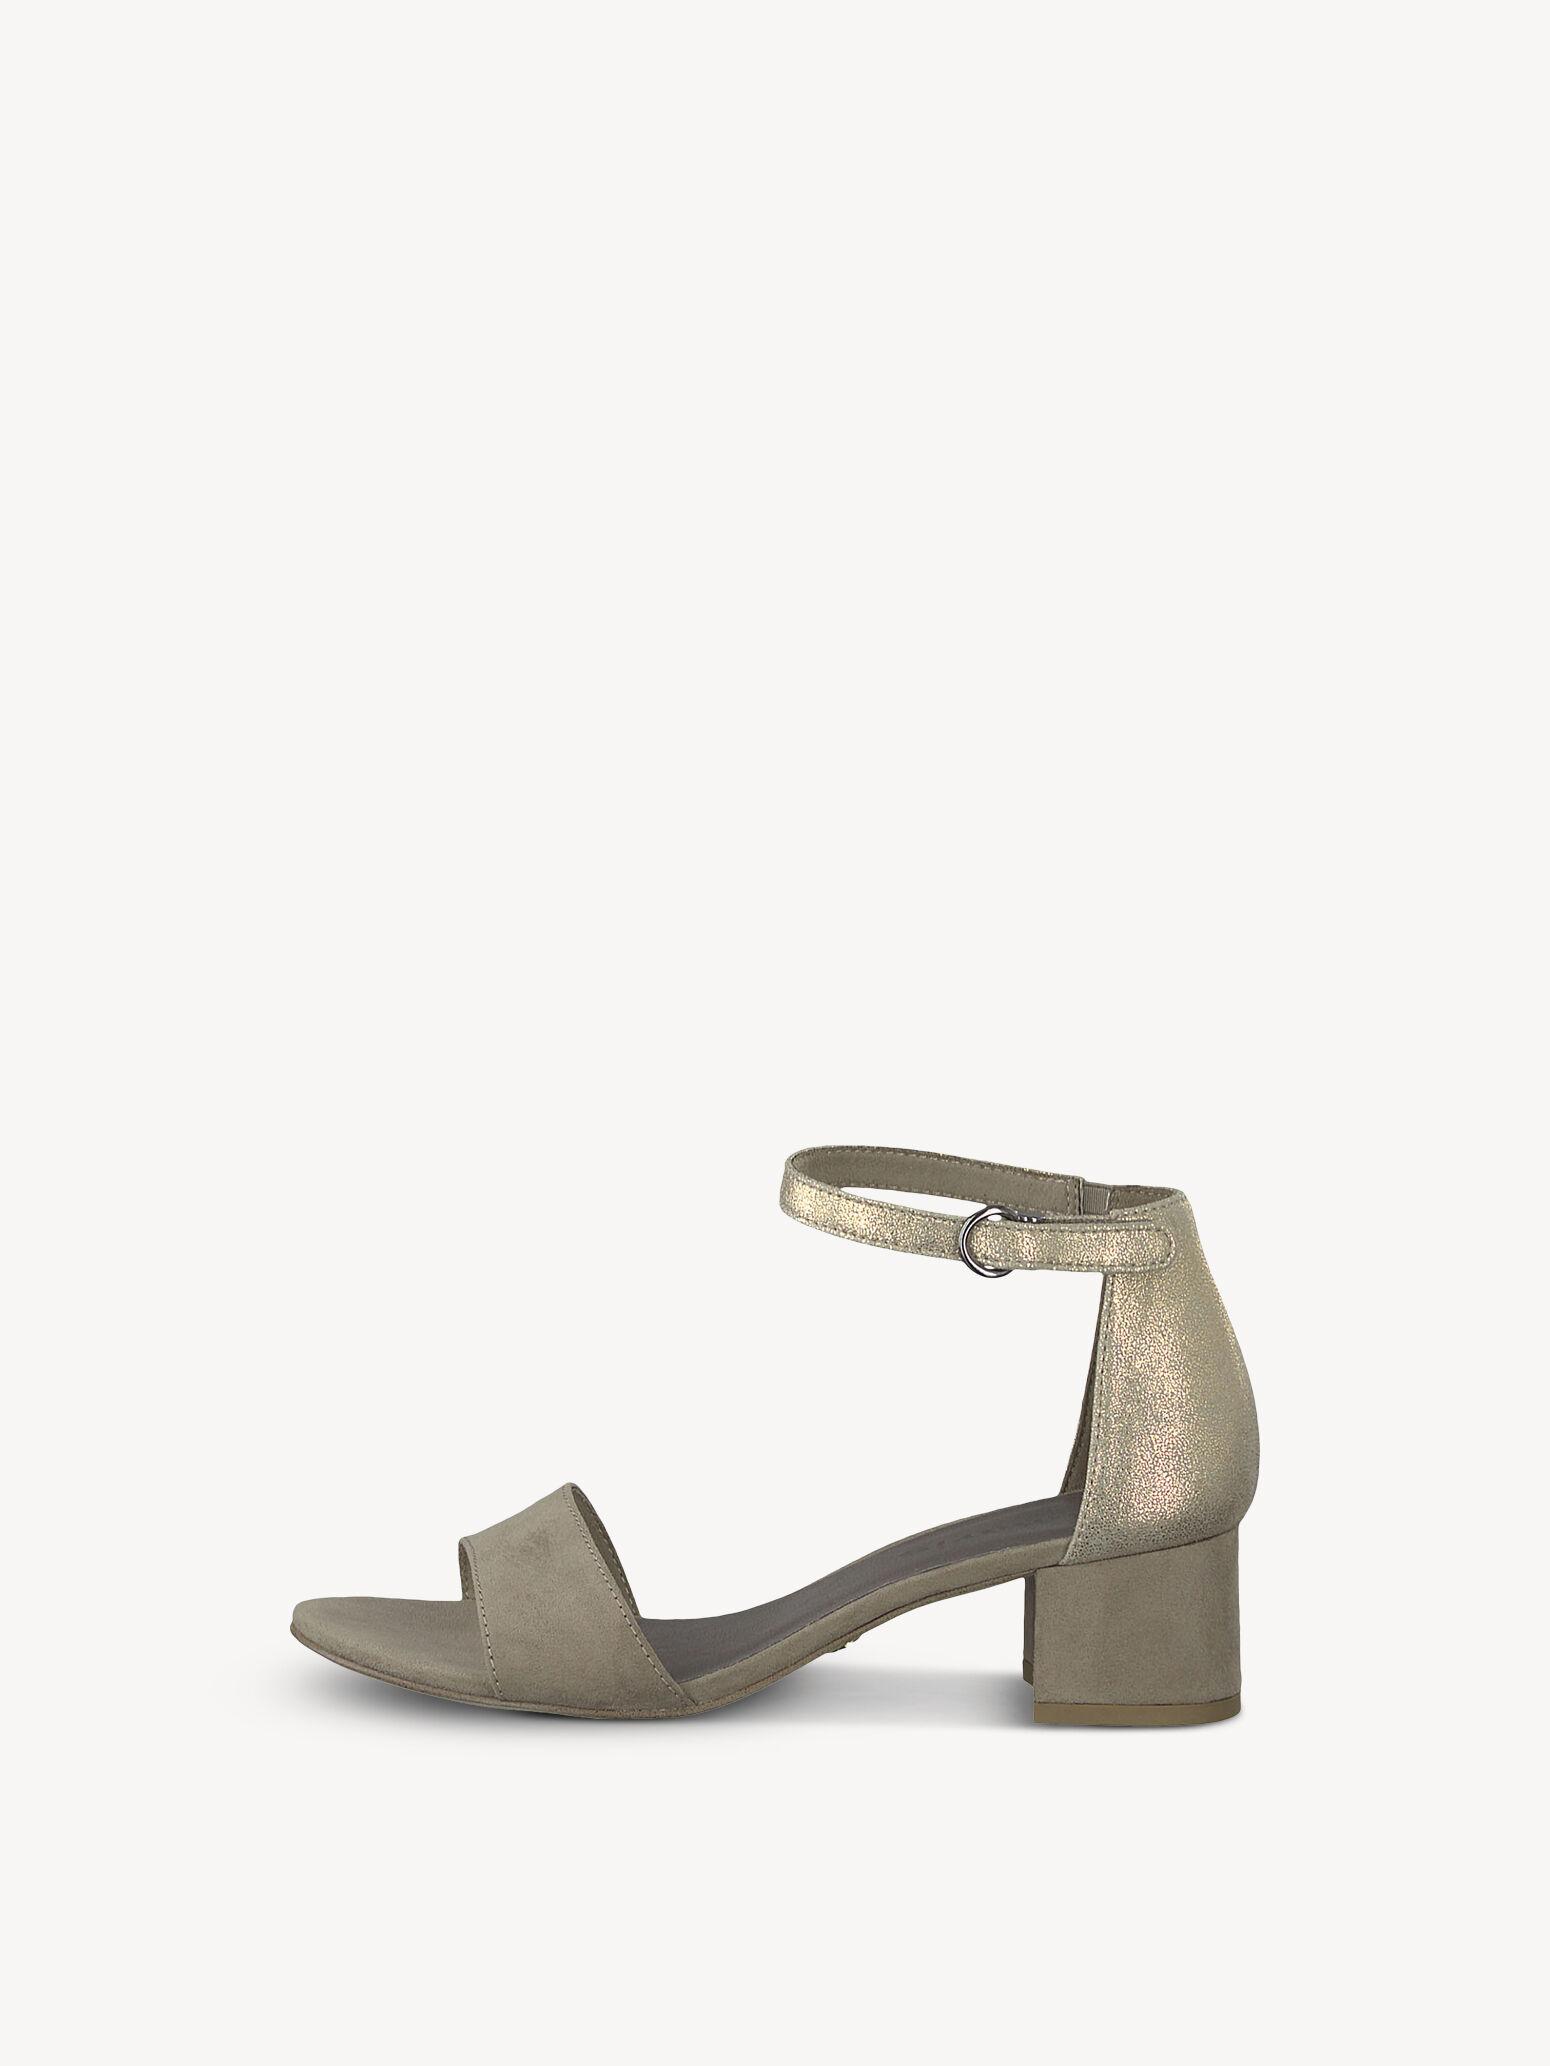 Tamaris kaufen online Tamaris Tamaris Sandalen kaufen jetzt Sandalen jetzt online MqSUzVp